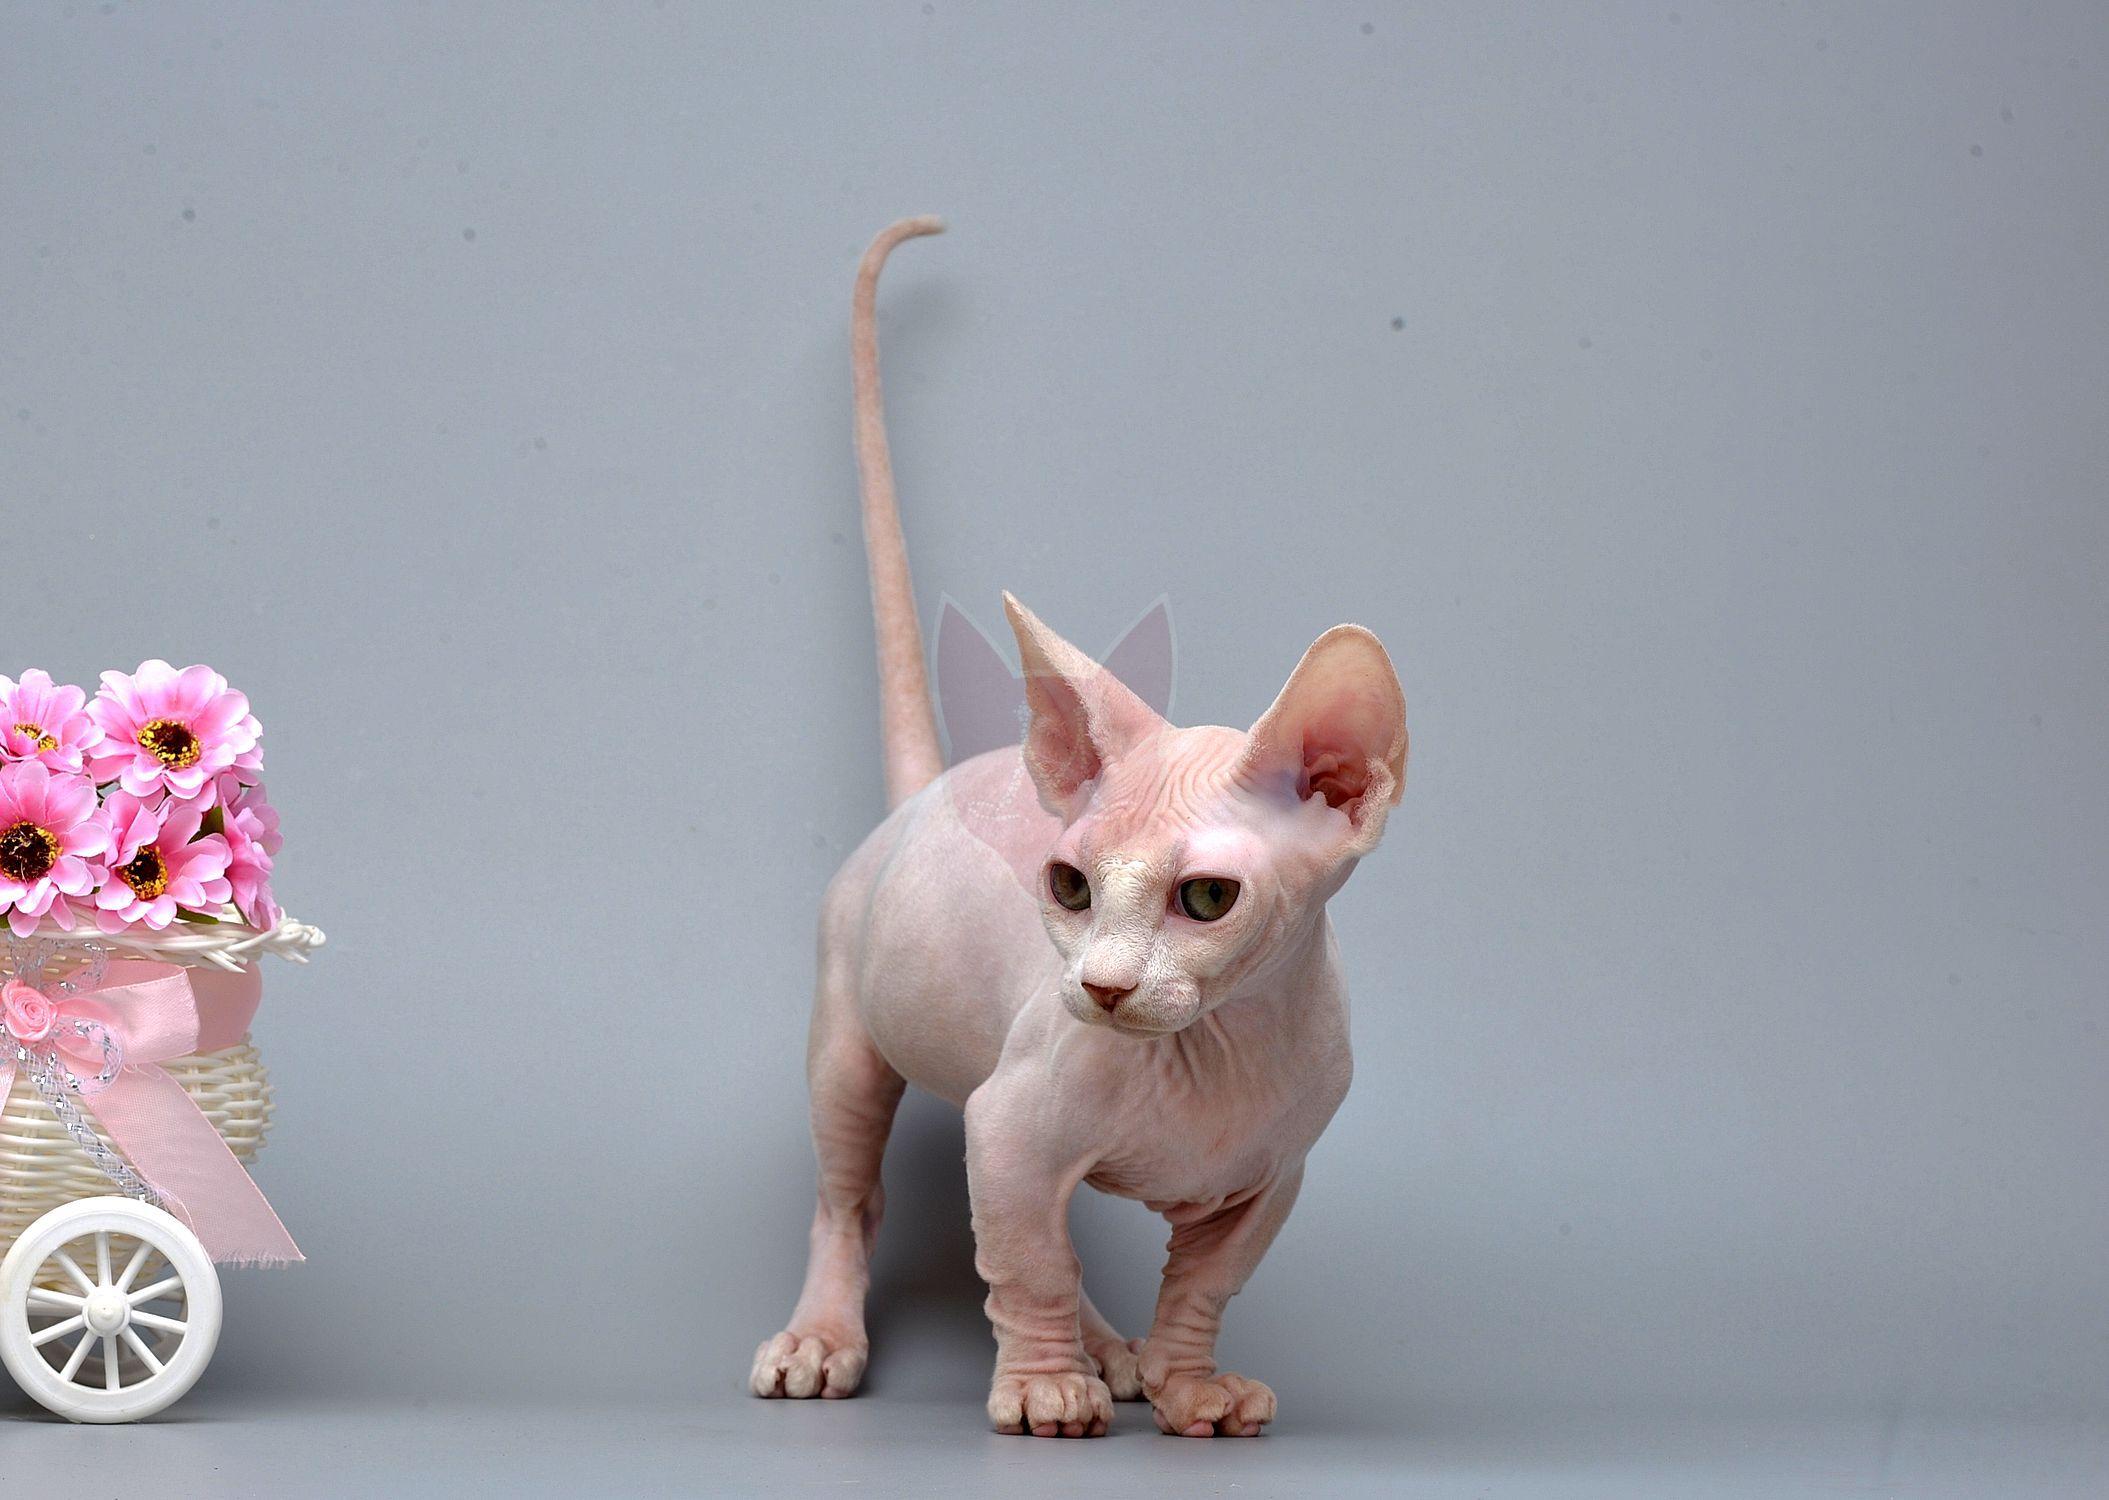 Bambino kitten